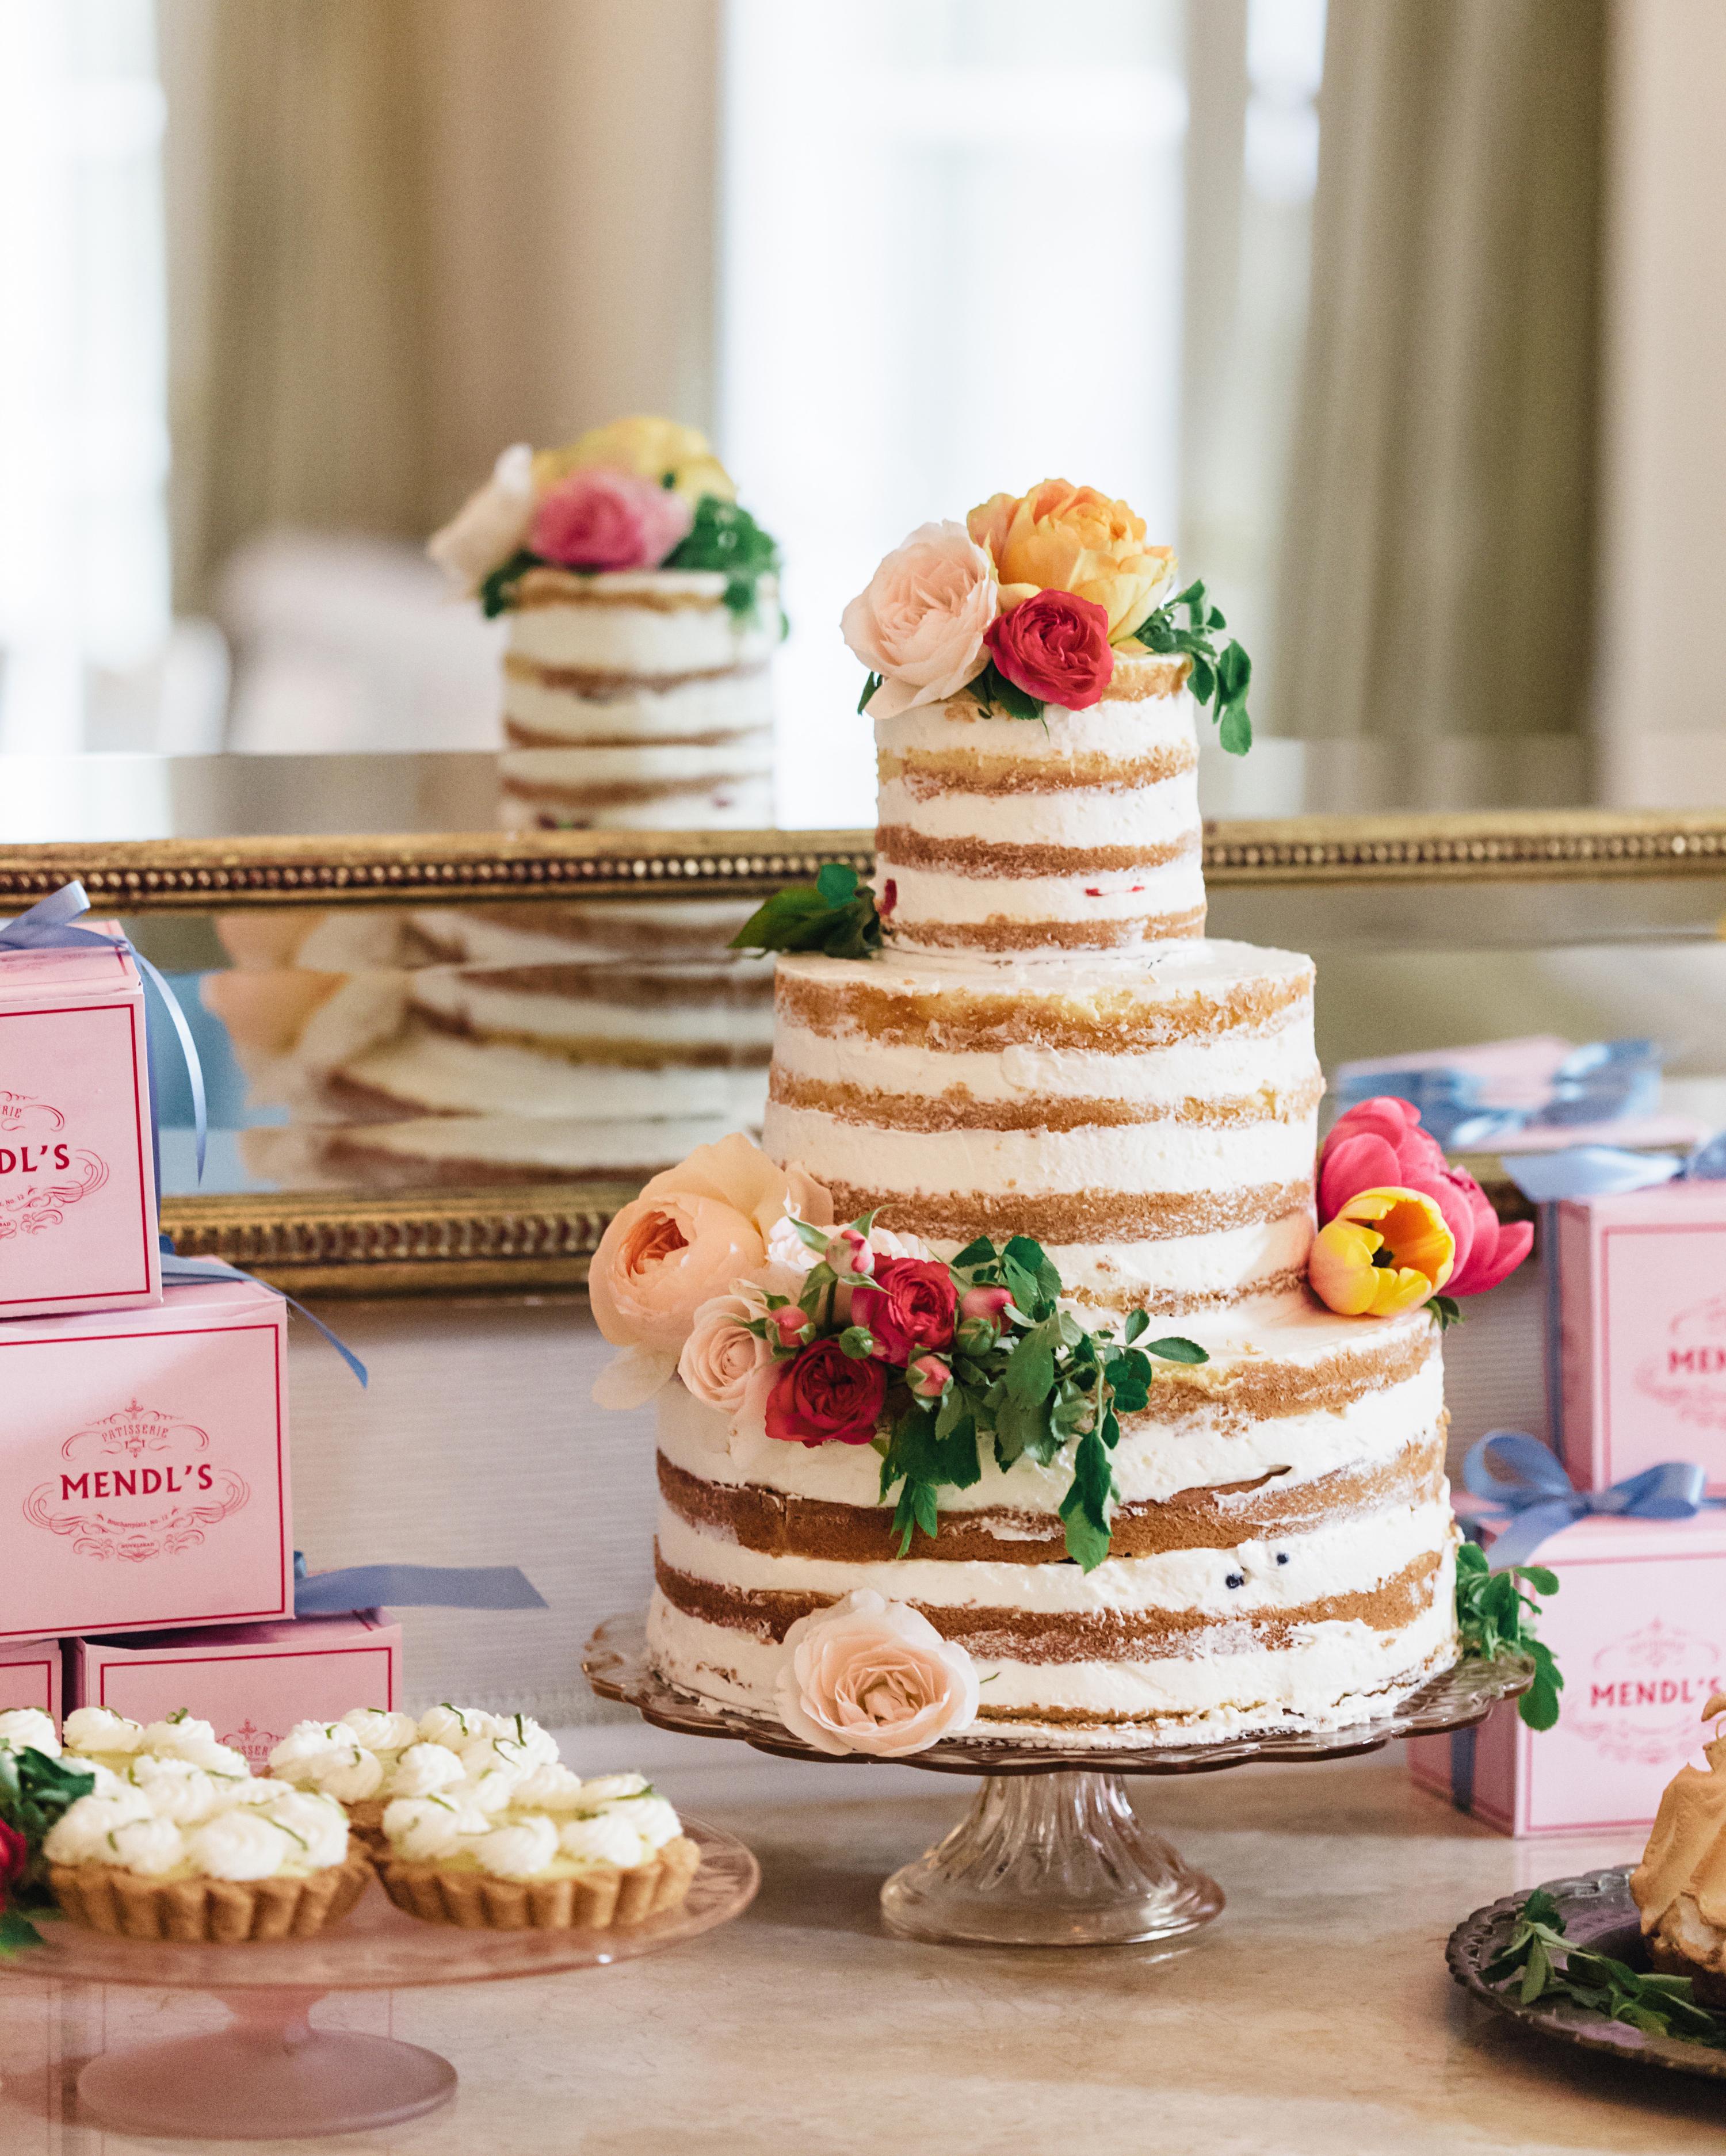 margo-me-bridal-shower-cake-7280-s112194-0515.jpg